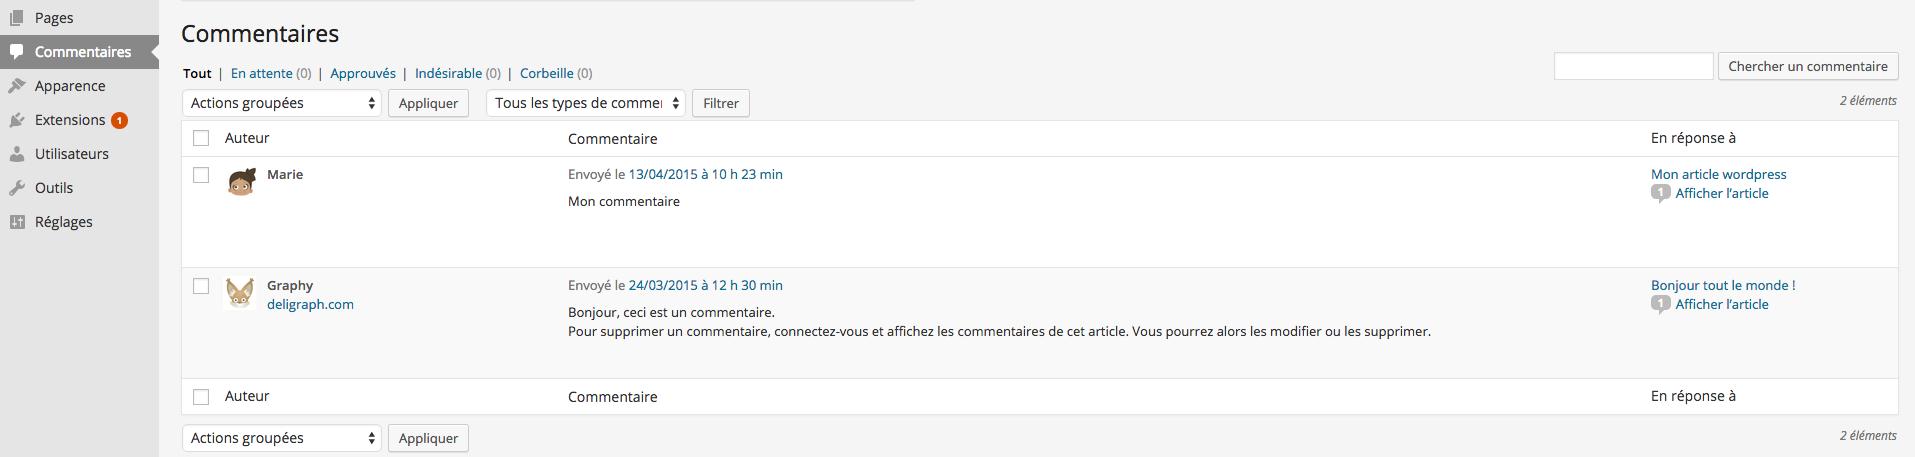 Les Commentaires de WordPress